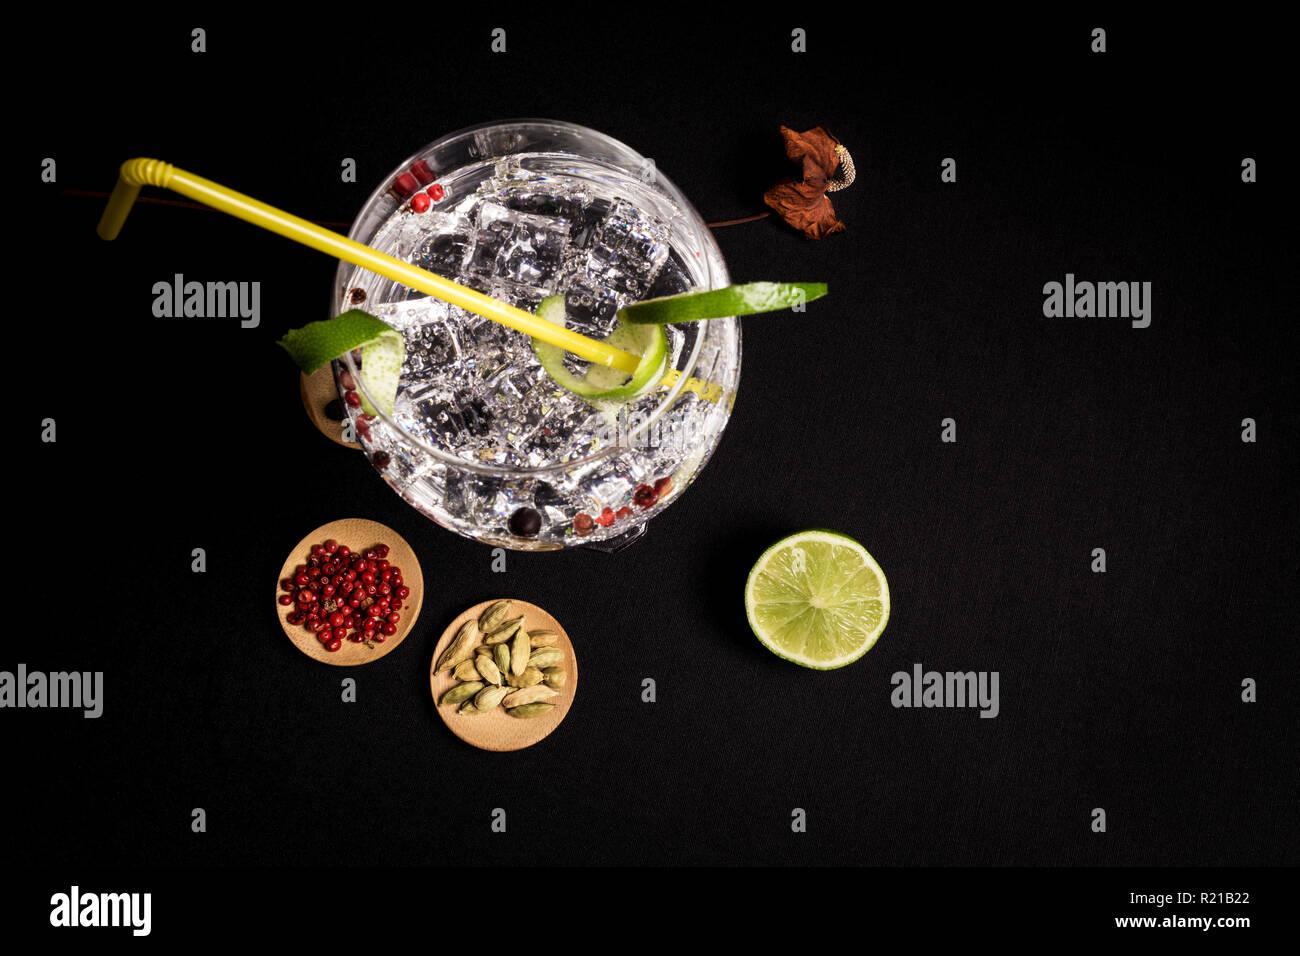 Lecker und frisch Gin und Tonic Cocktail auf einem schwarzen Hintergrund neben ihrem Zutaten Stockbild